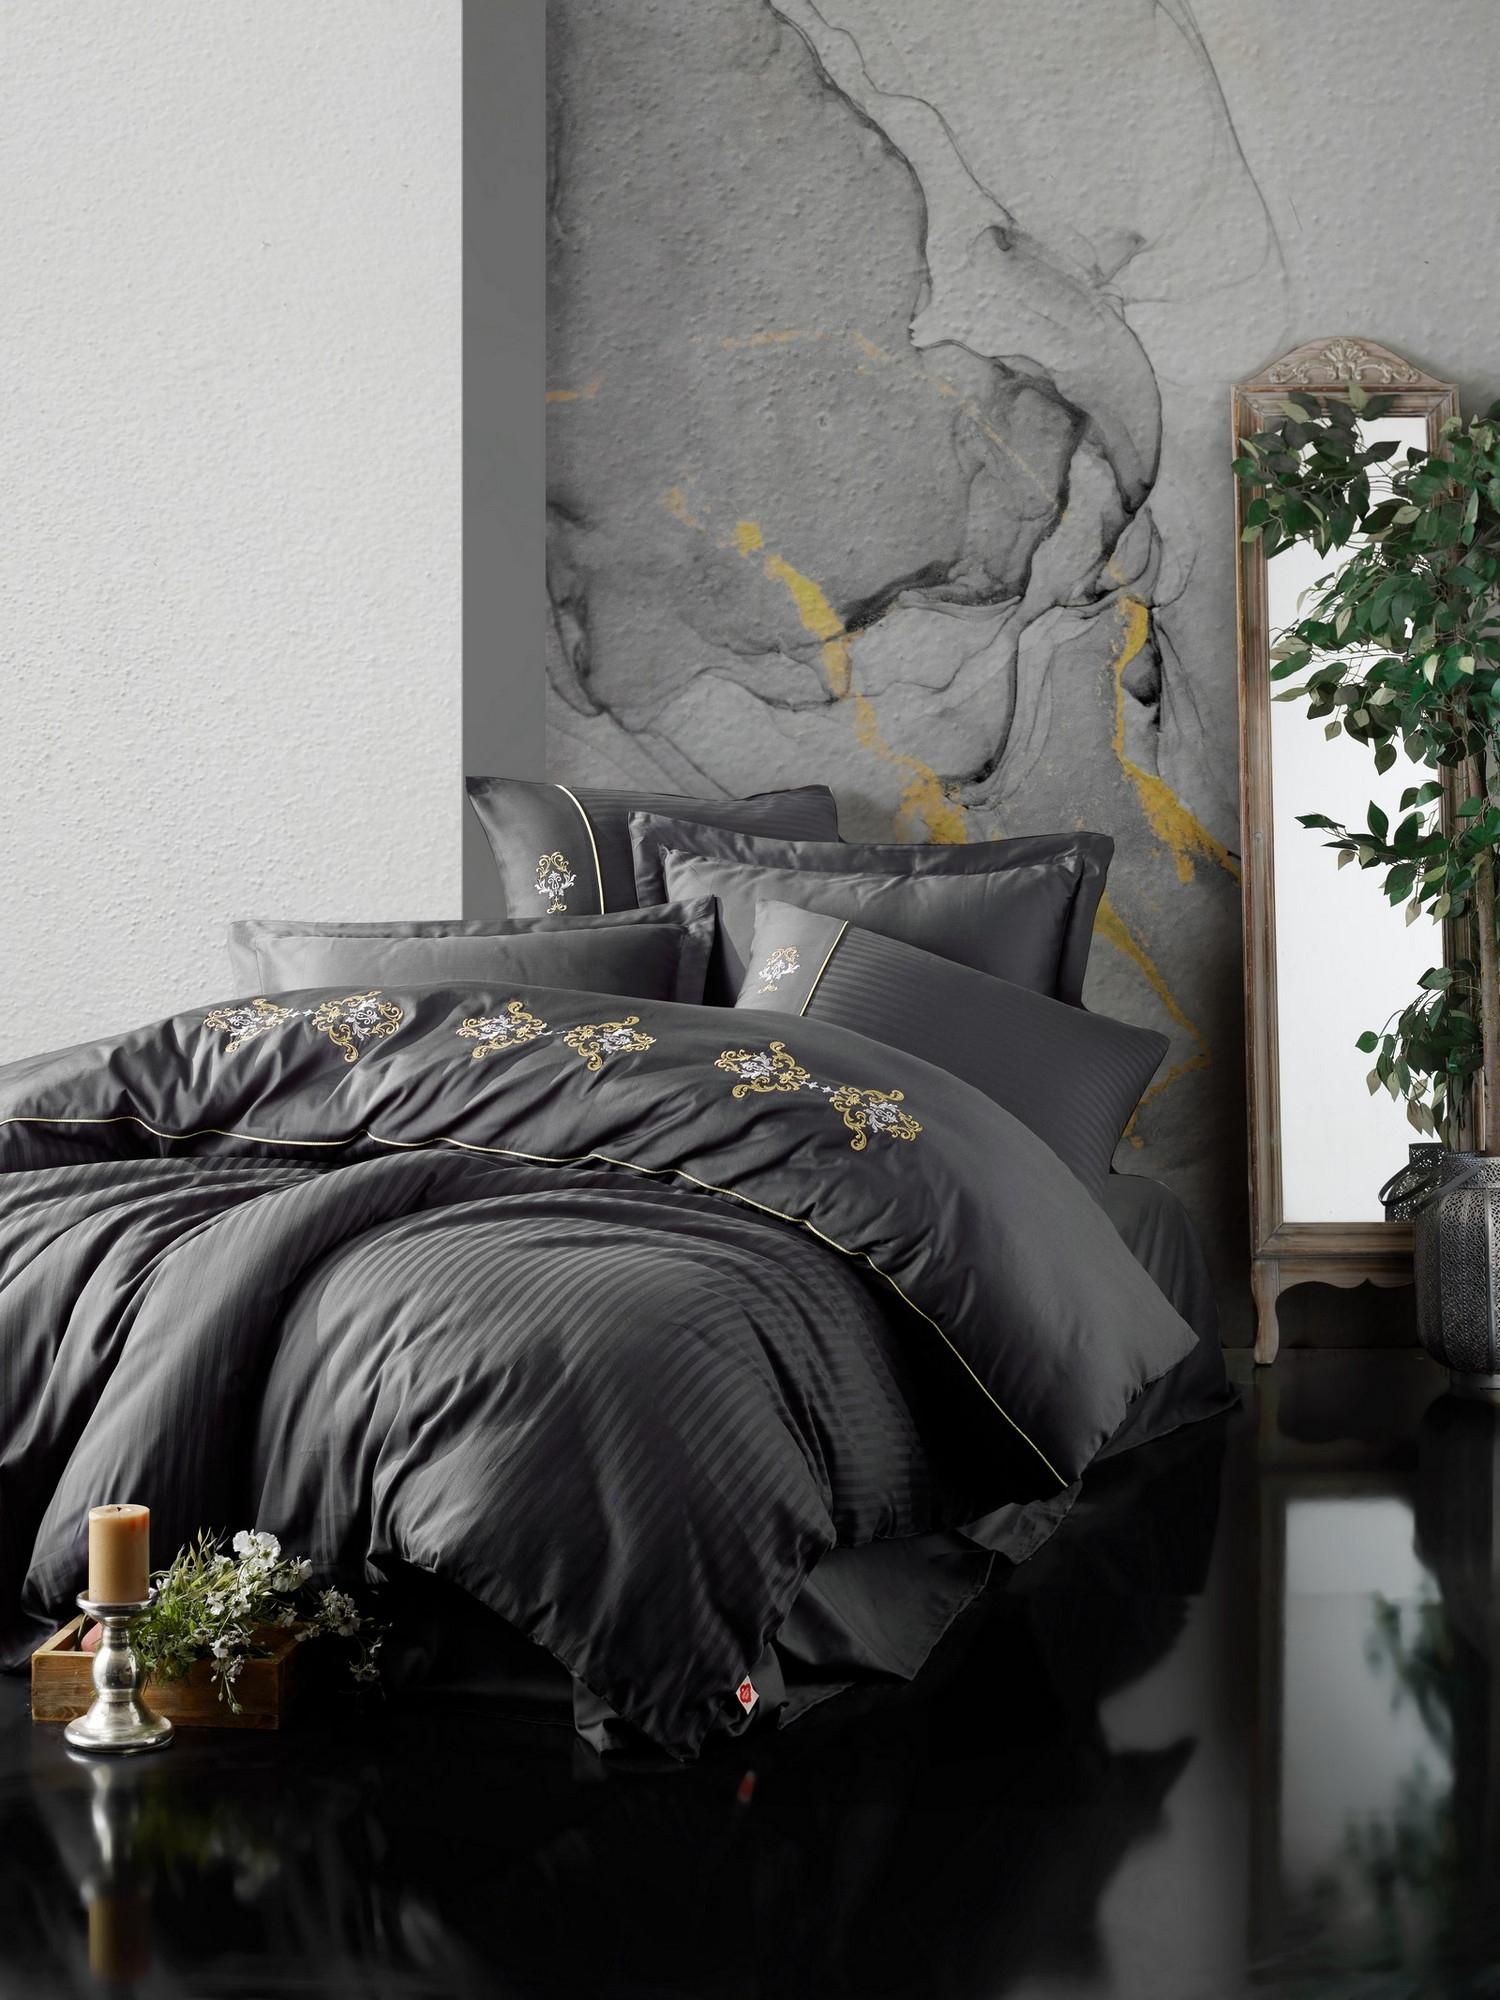 Lenjerie de pat din bumbac Satinat King Antracit / Galben, 200 x 220 cm imagine